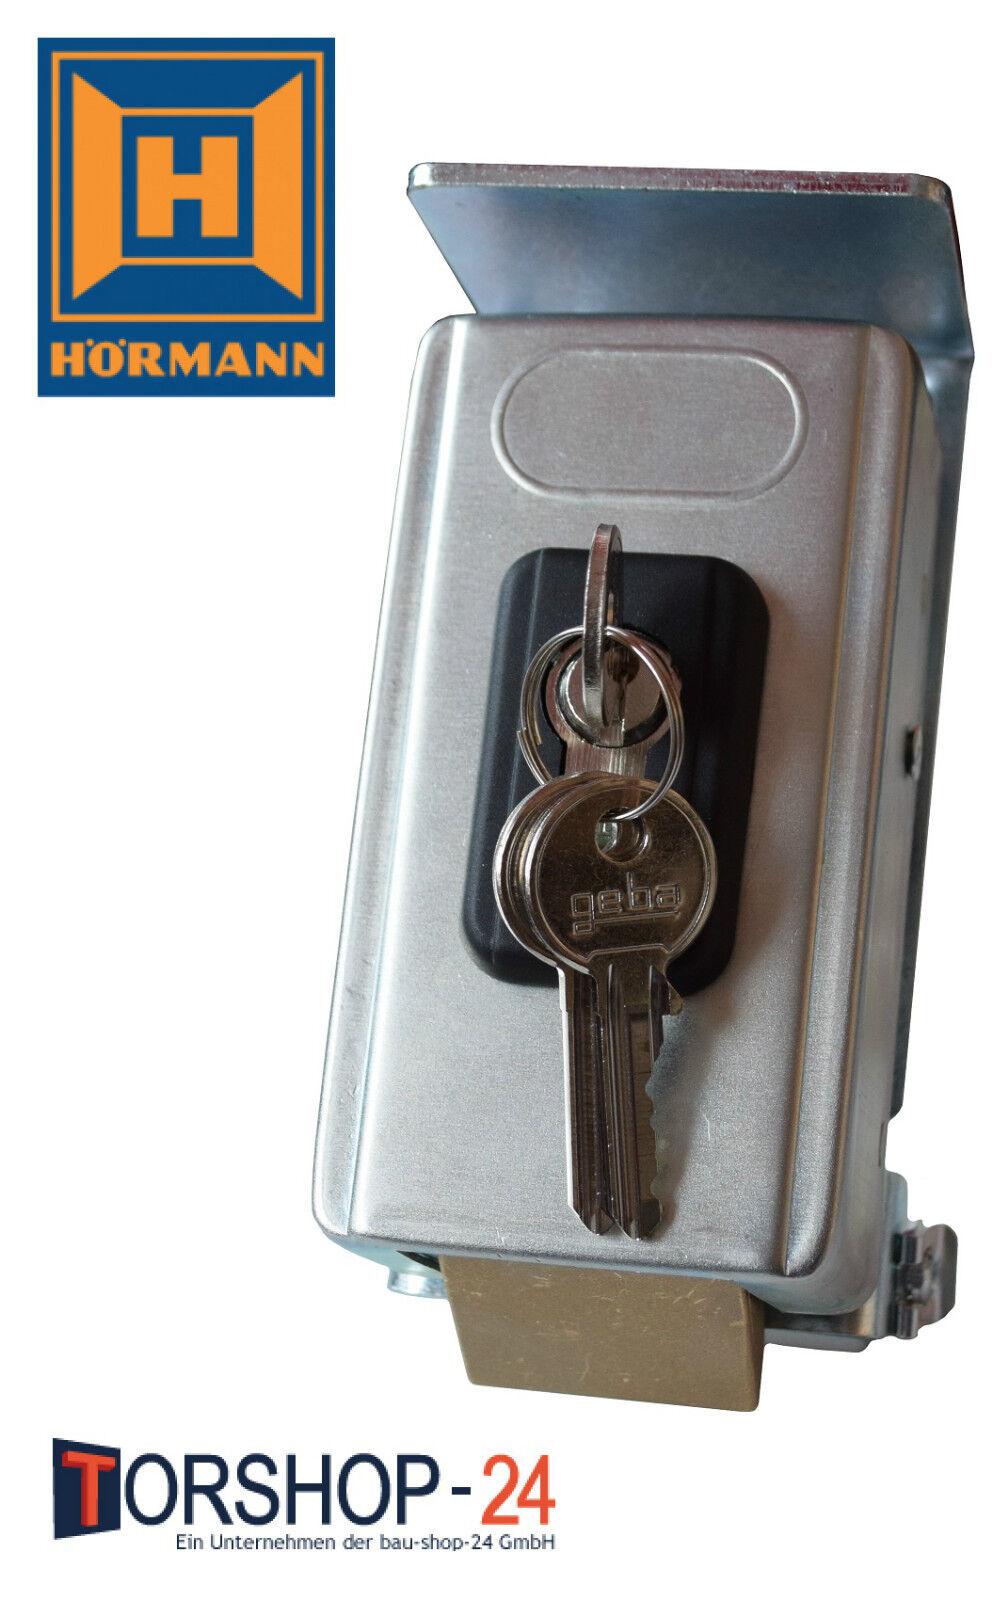 Hörmann Elektroschloss für Bodenverriegelung  RotaMatic Drehtorantrieb 436249